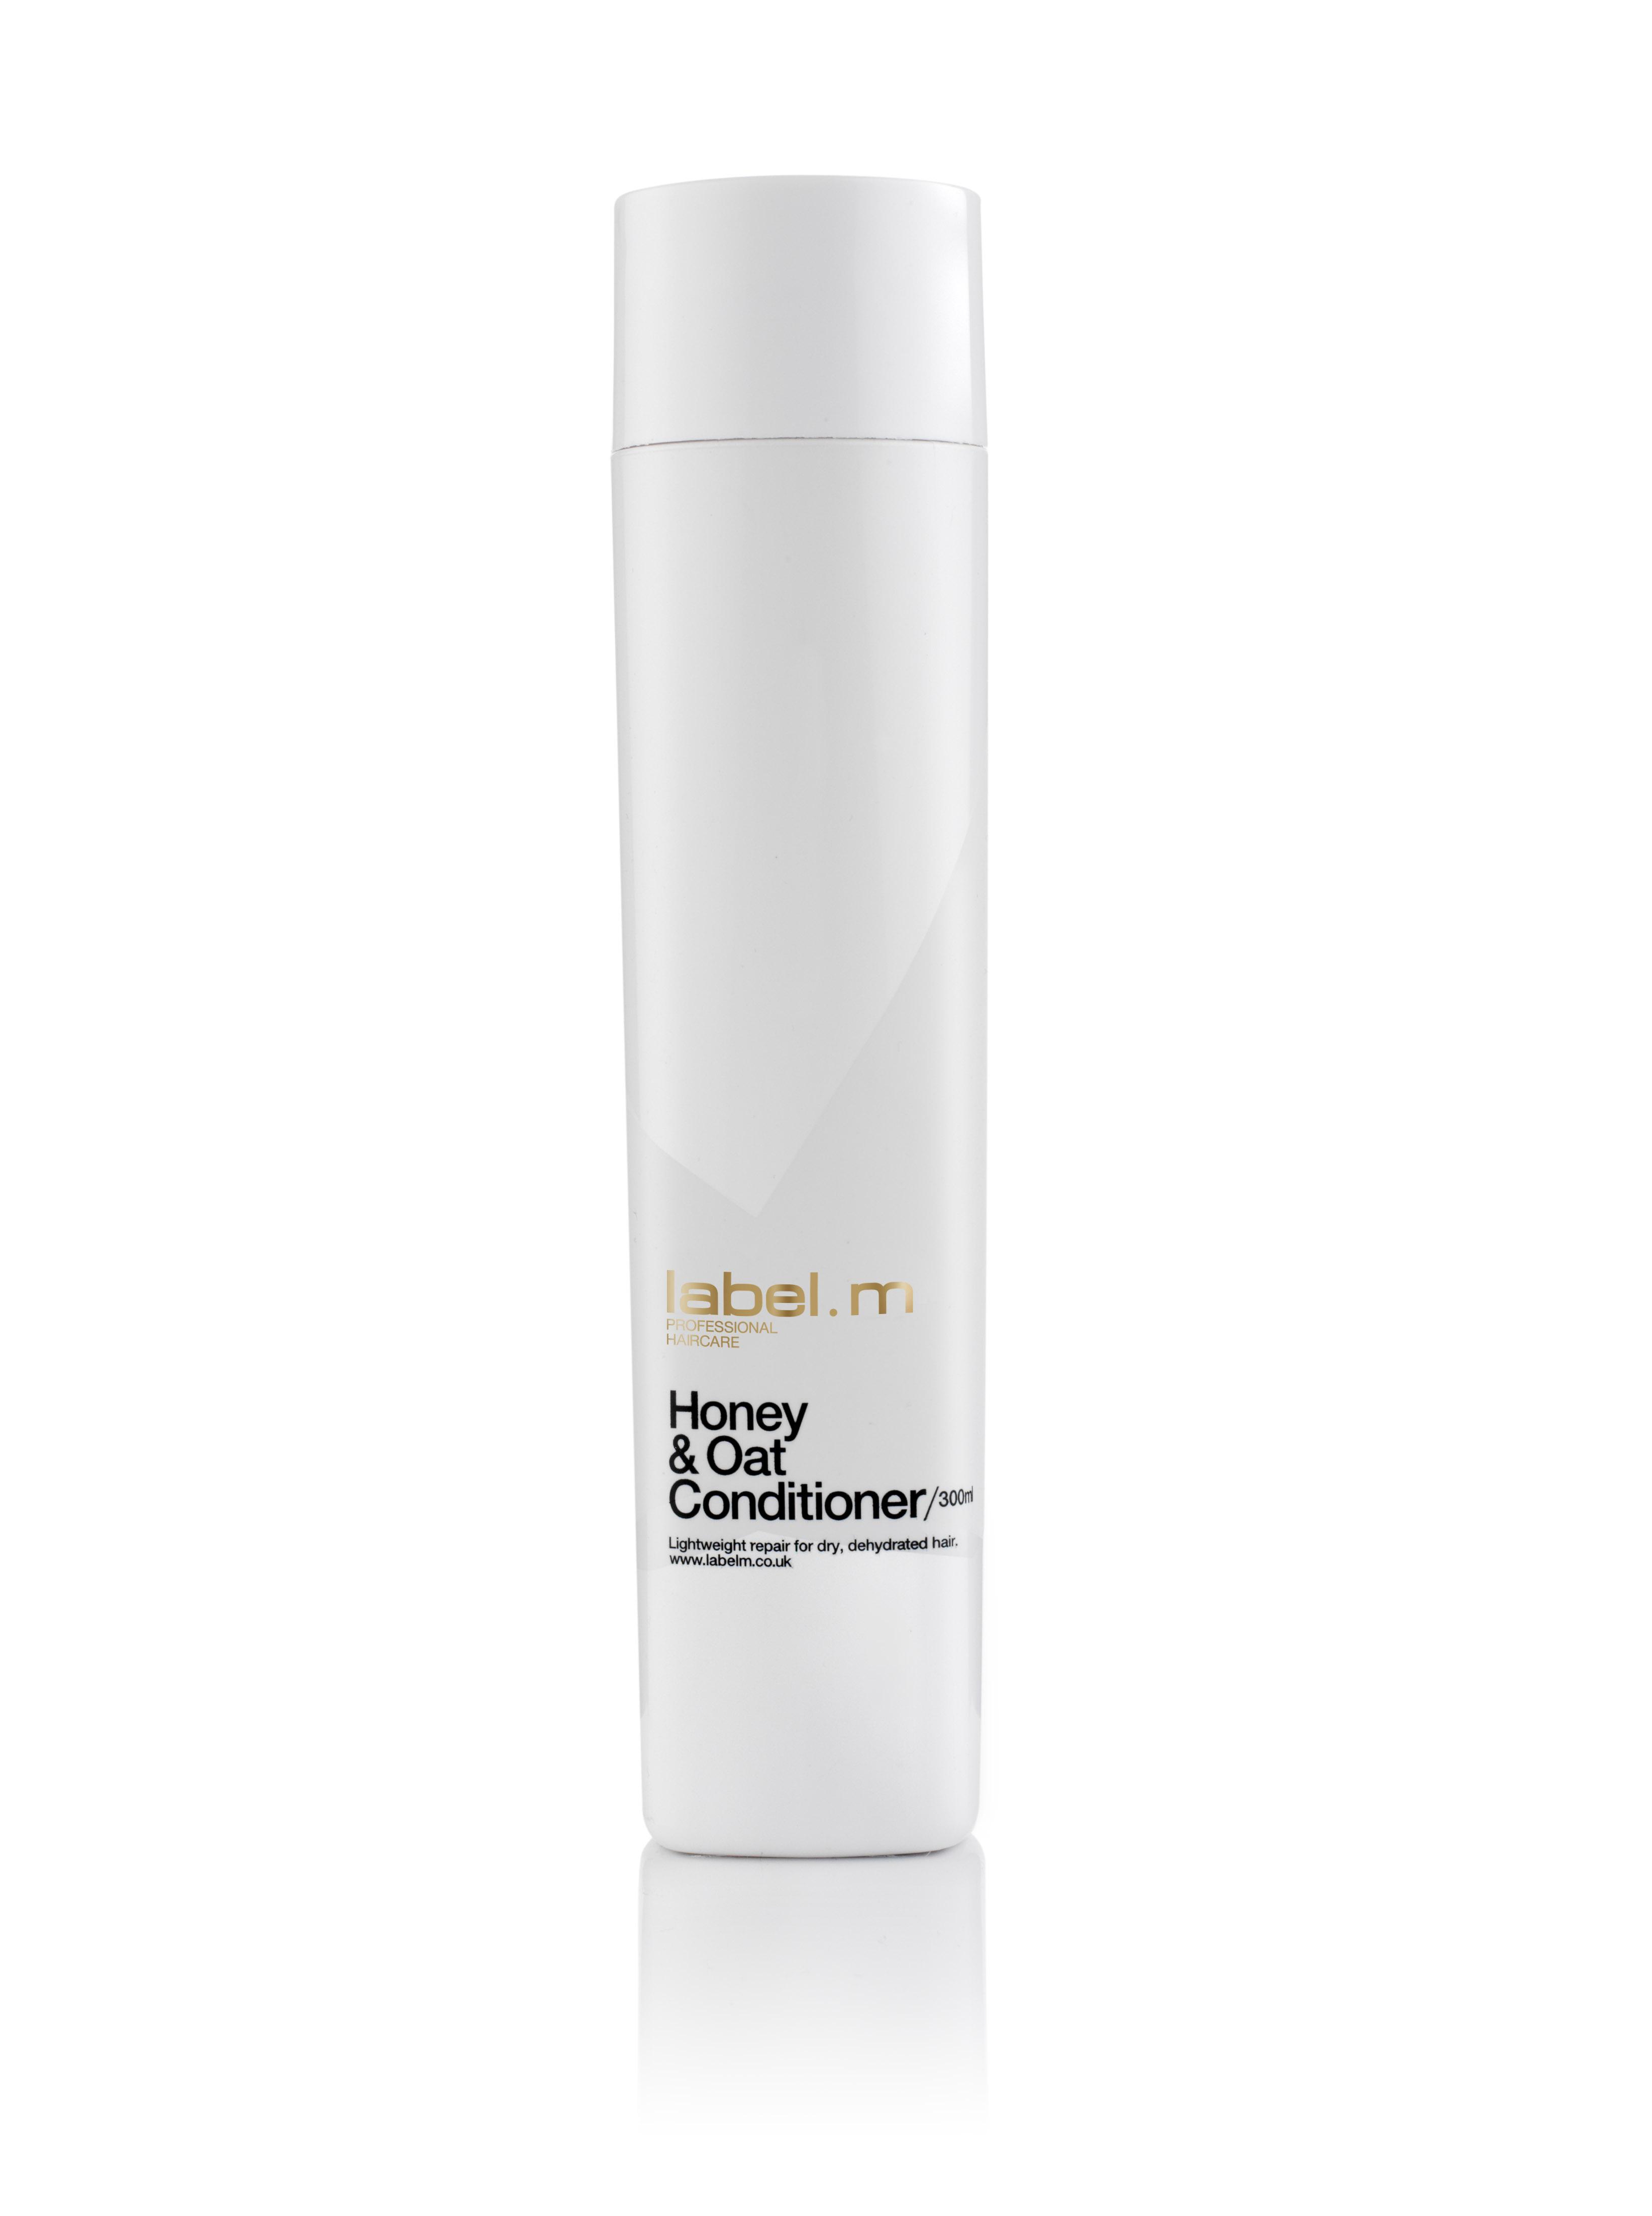 Honey & Oat Conditioner 300ml/kondicionér na bázi medu a ovsa pro suché dehydrované vlasy